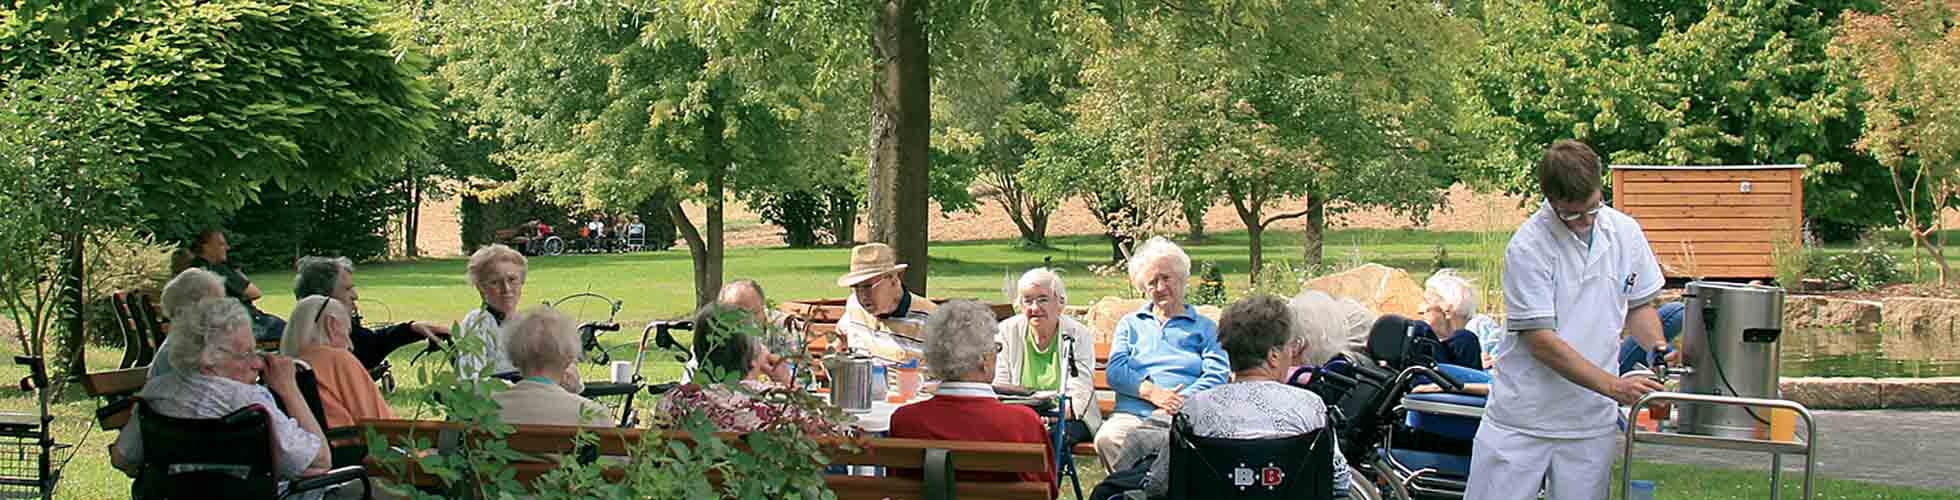 Seniorengruppe beim Kaffeetrinken im Garten